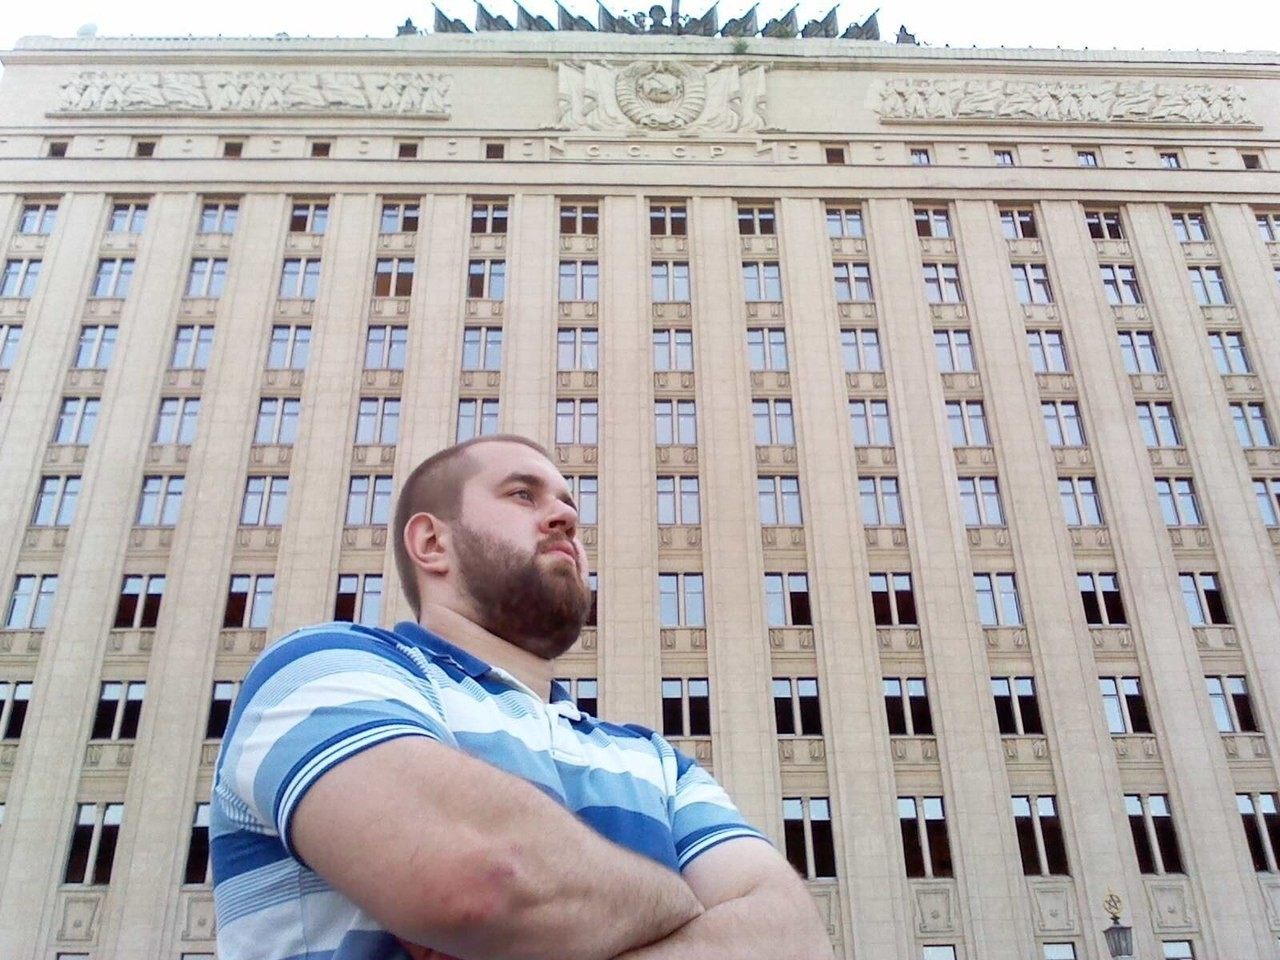 <p><span>Фото: &copy; VK/Колобок Ярославкин</span></p>